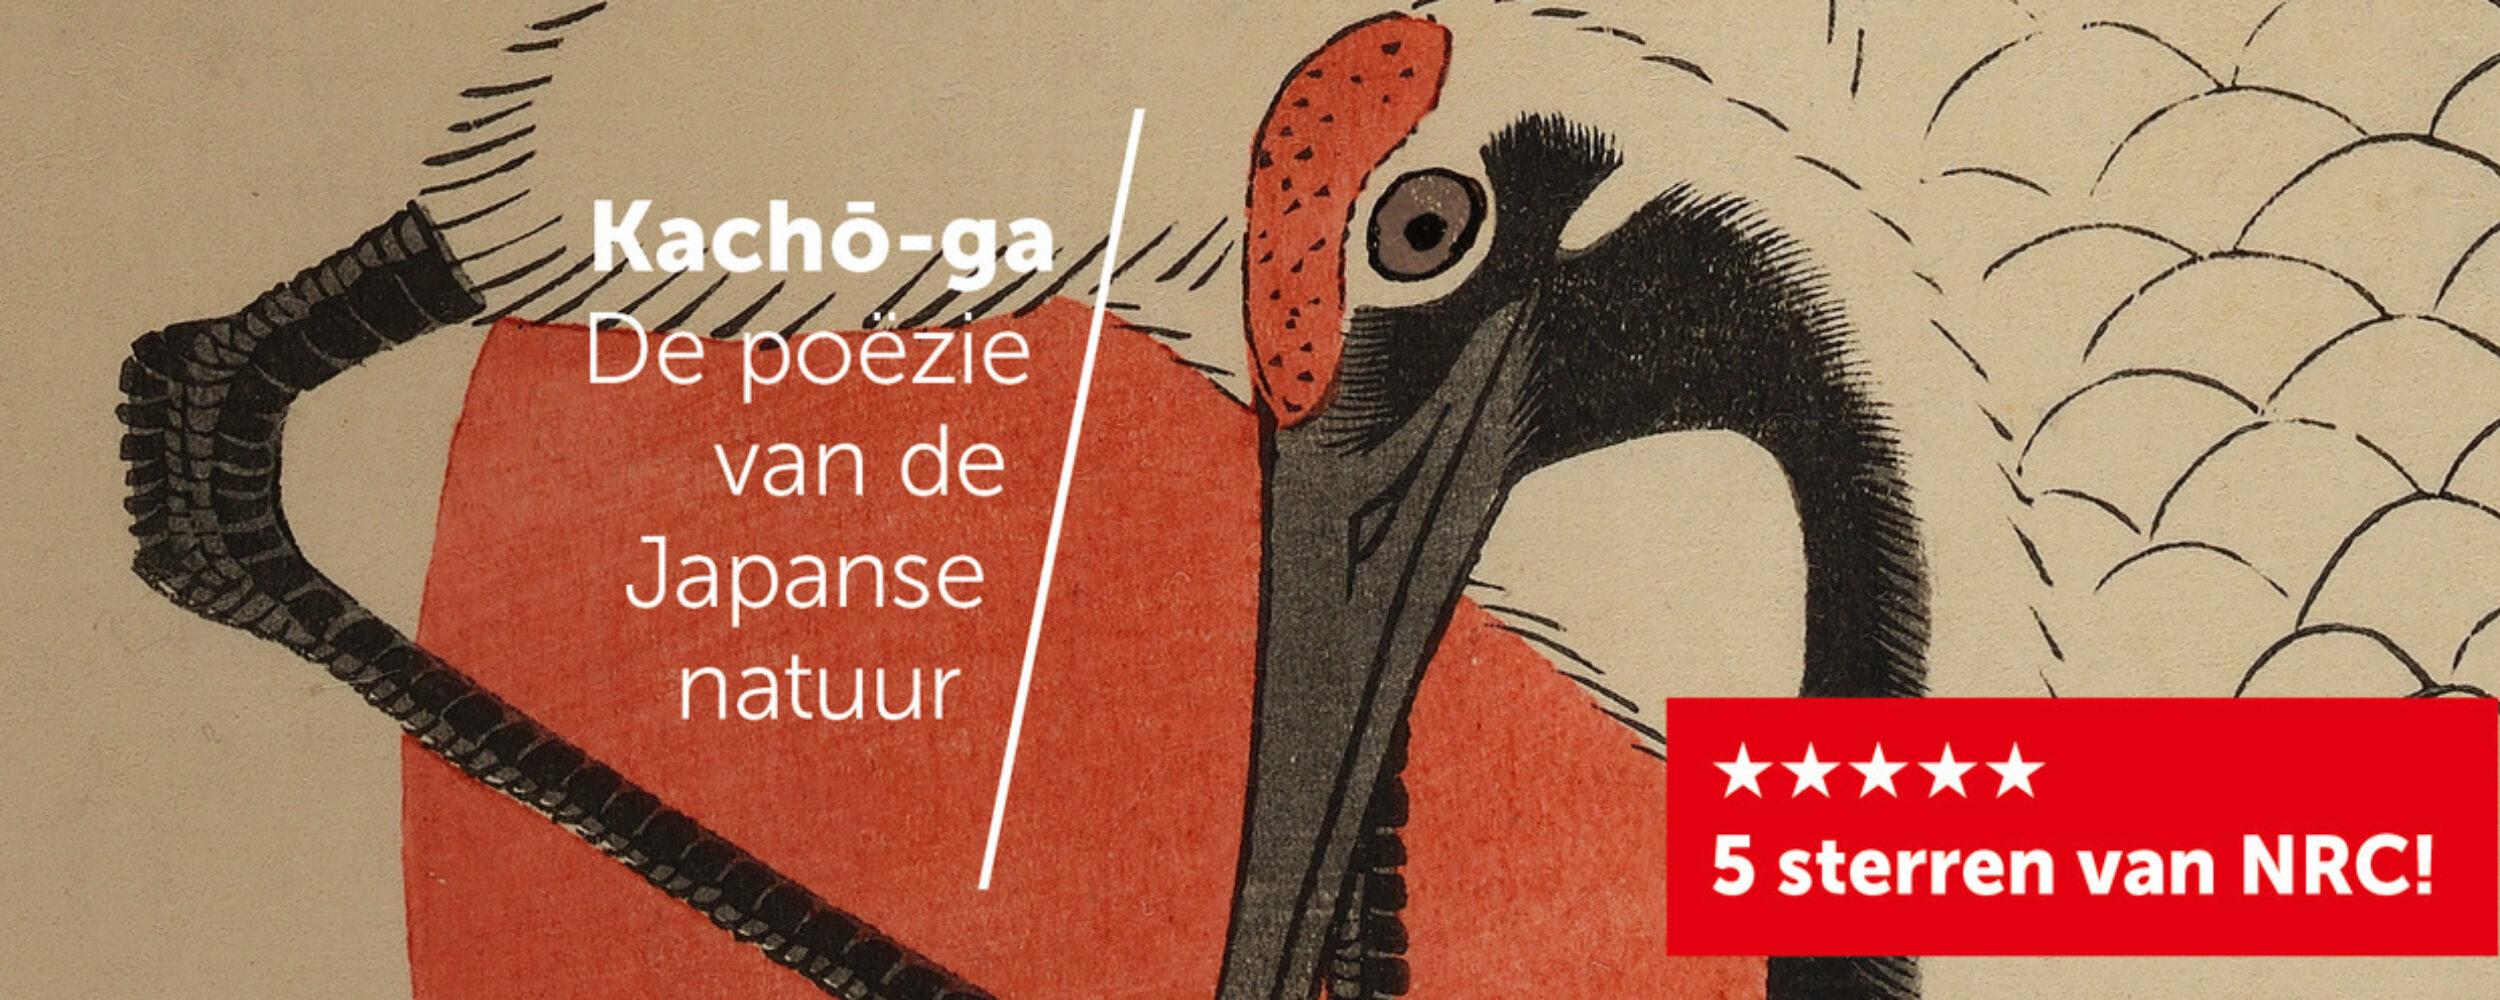 Kachoga Header Facebook 5Sterren Xl